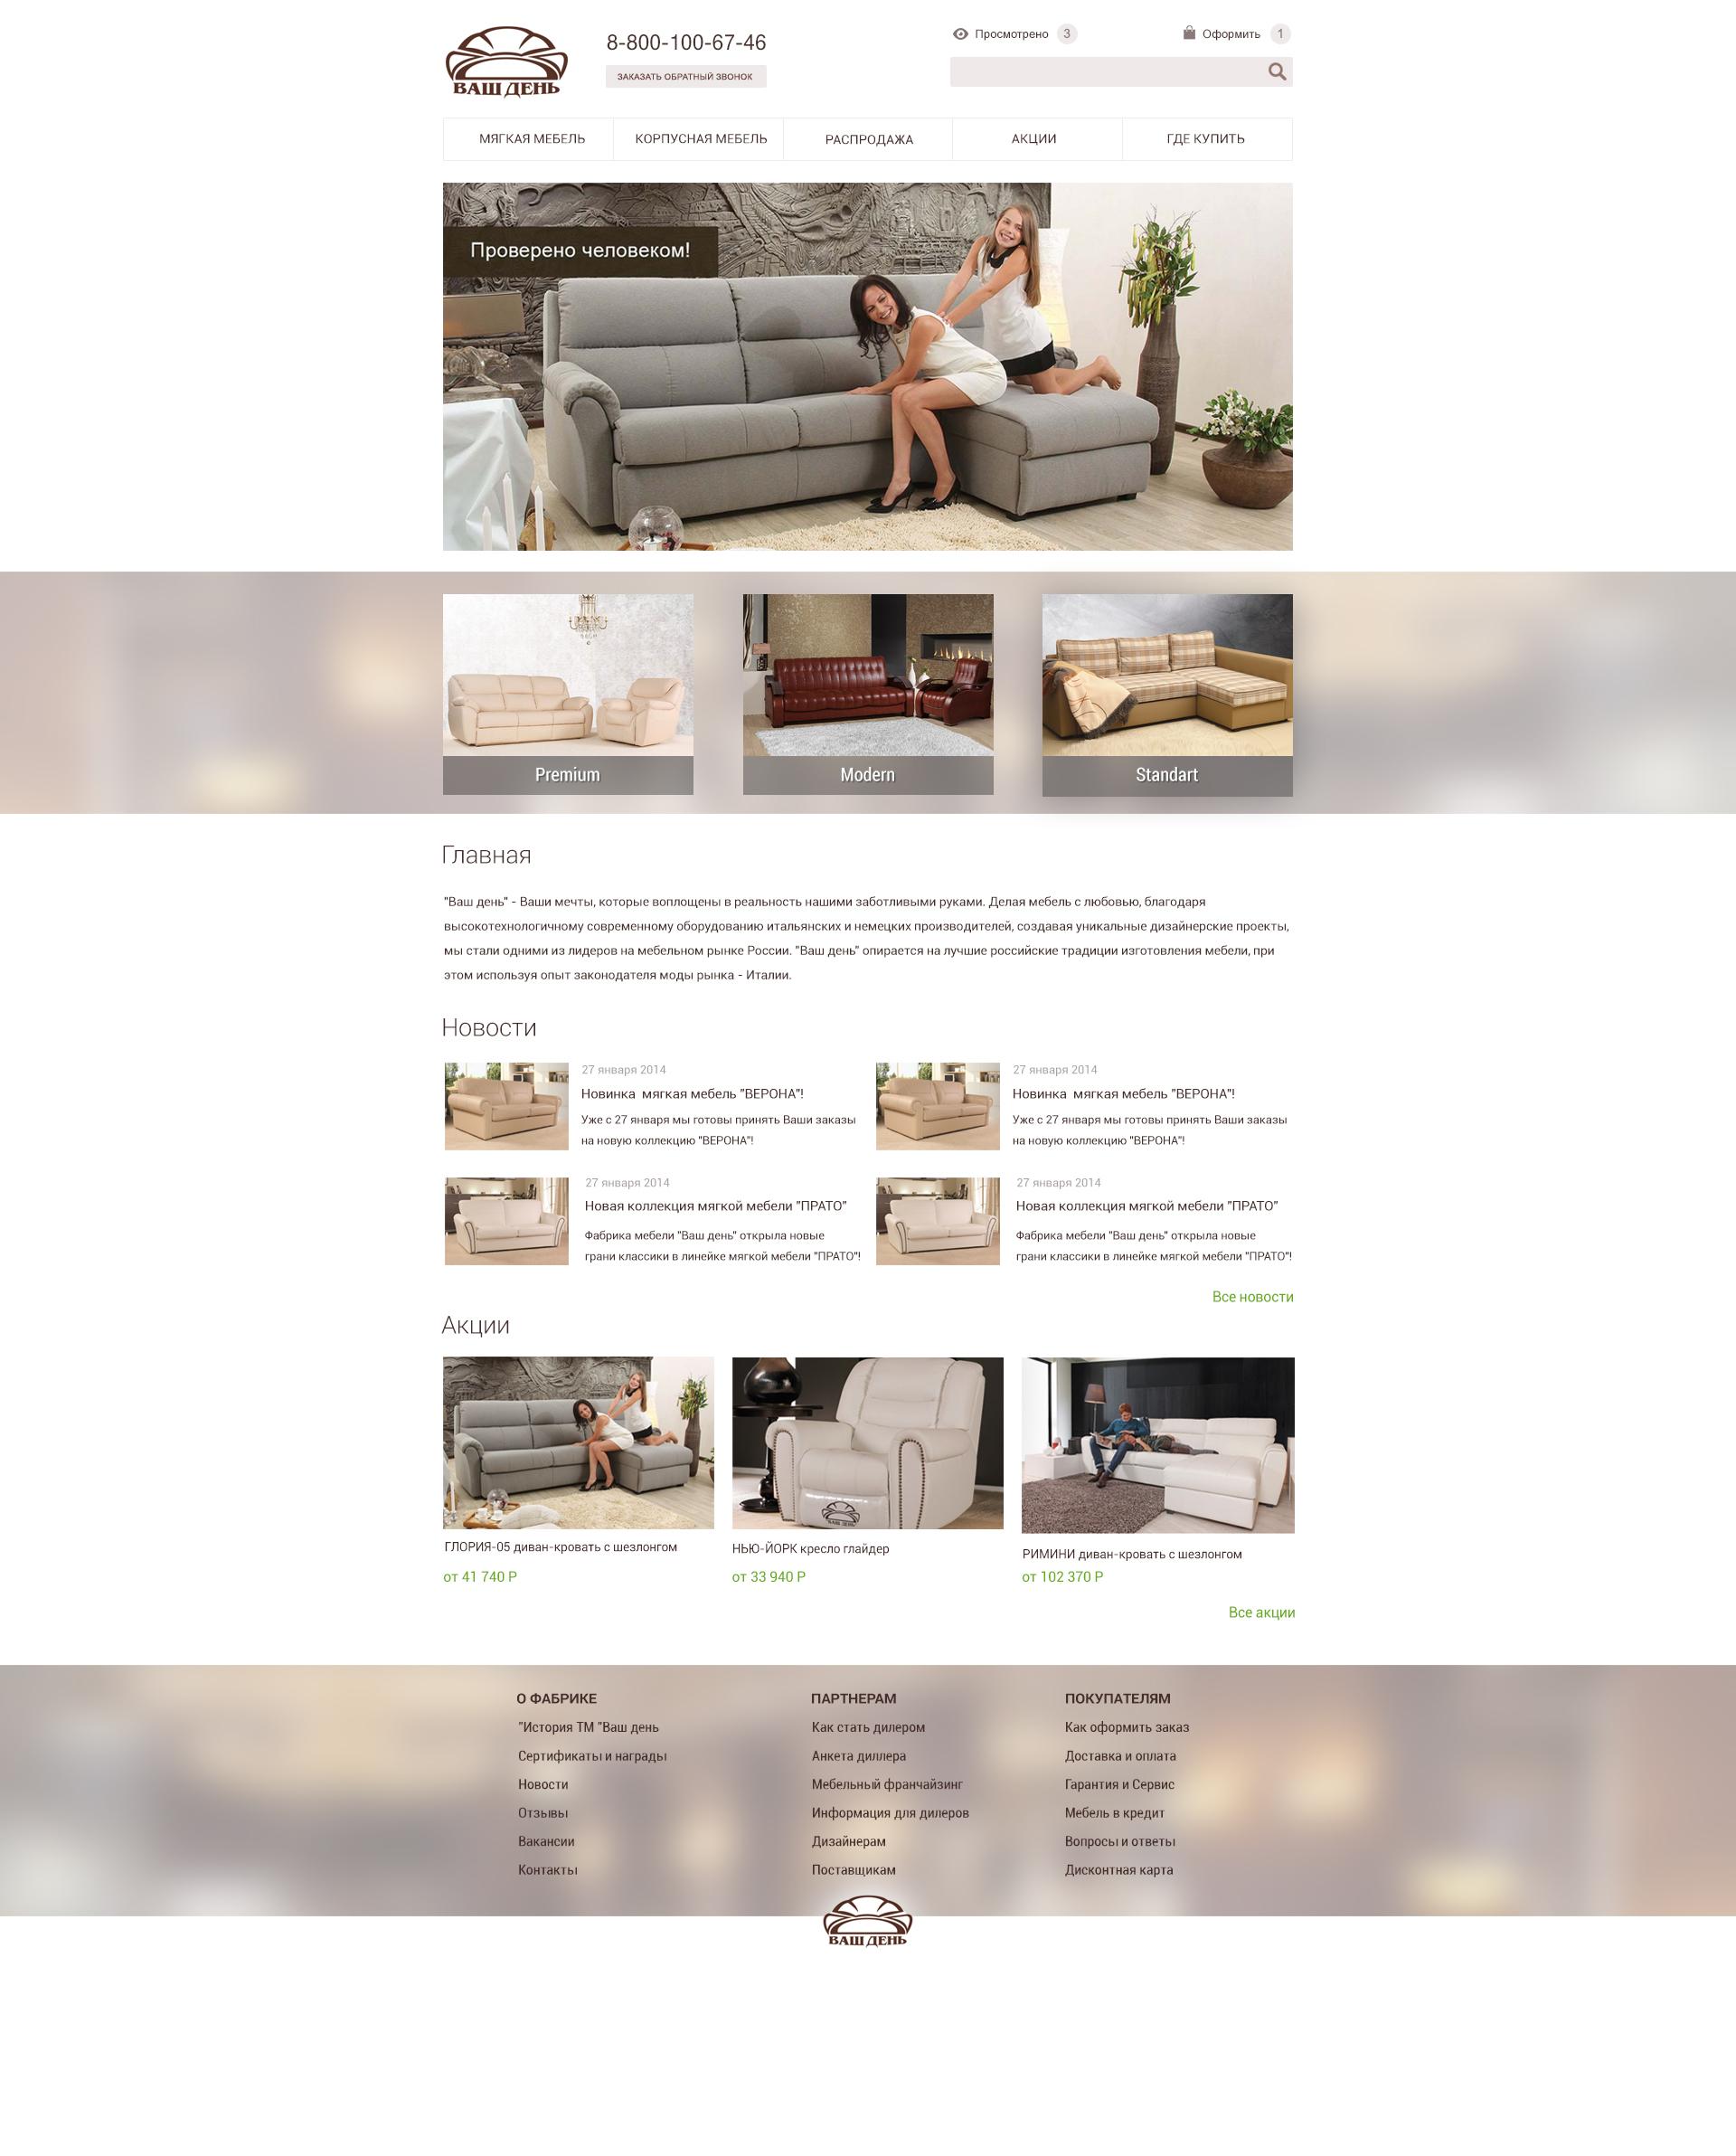 Разработать дизайн для интернет-магазина мебели фото f_80452e807f7091e3.jpg